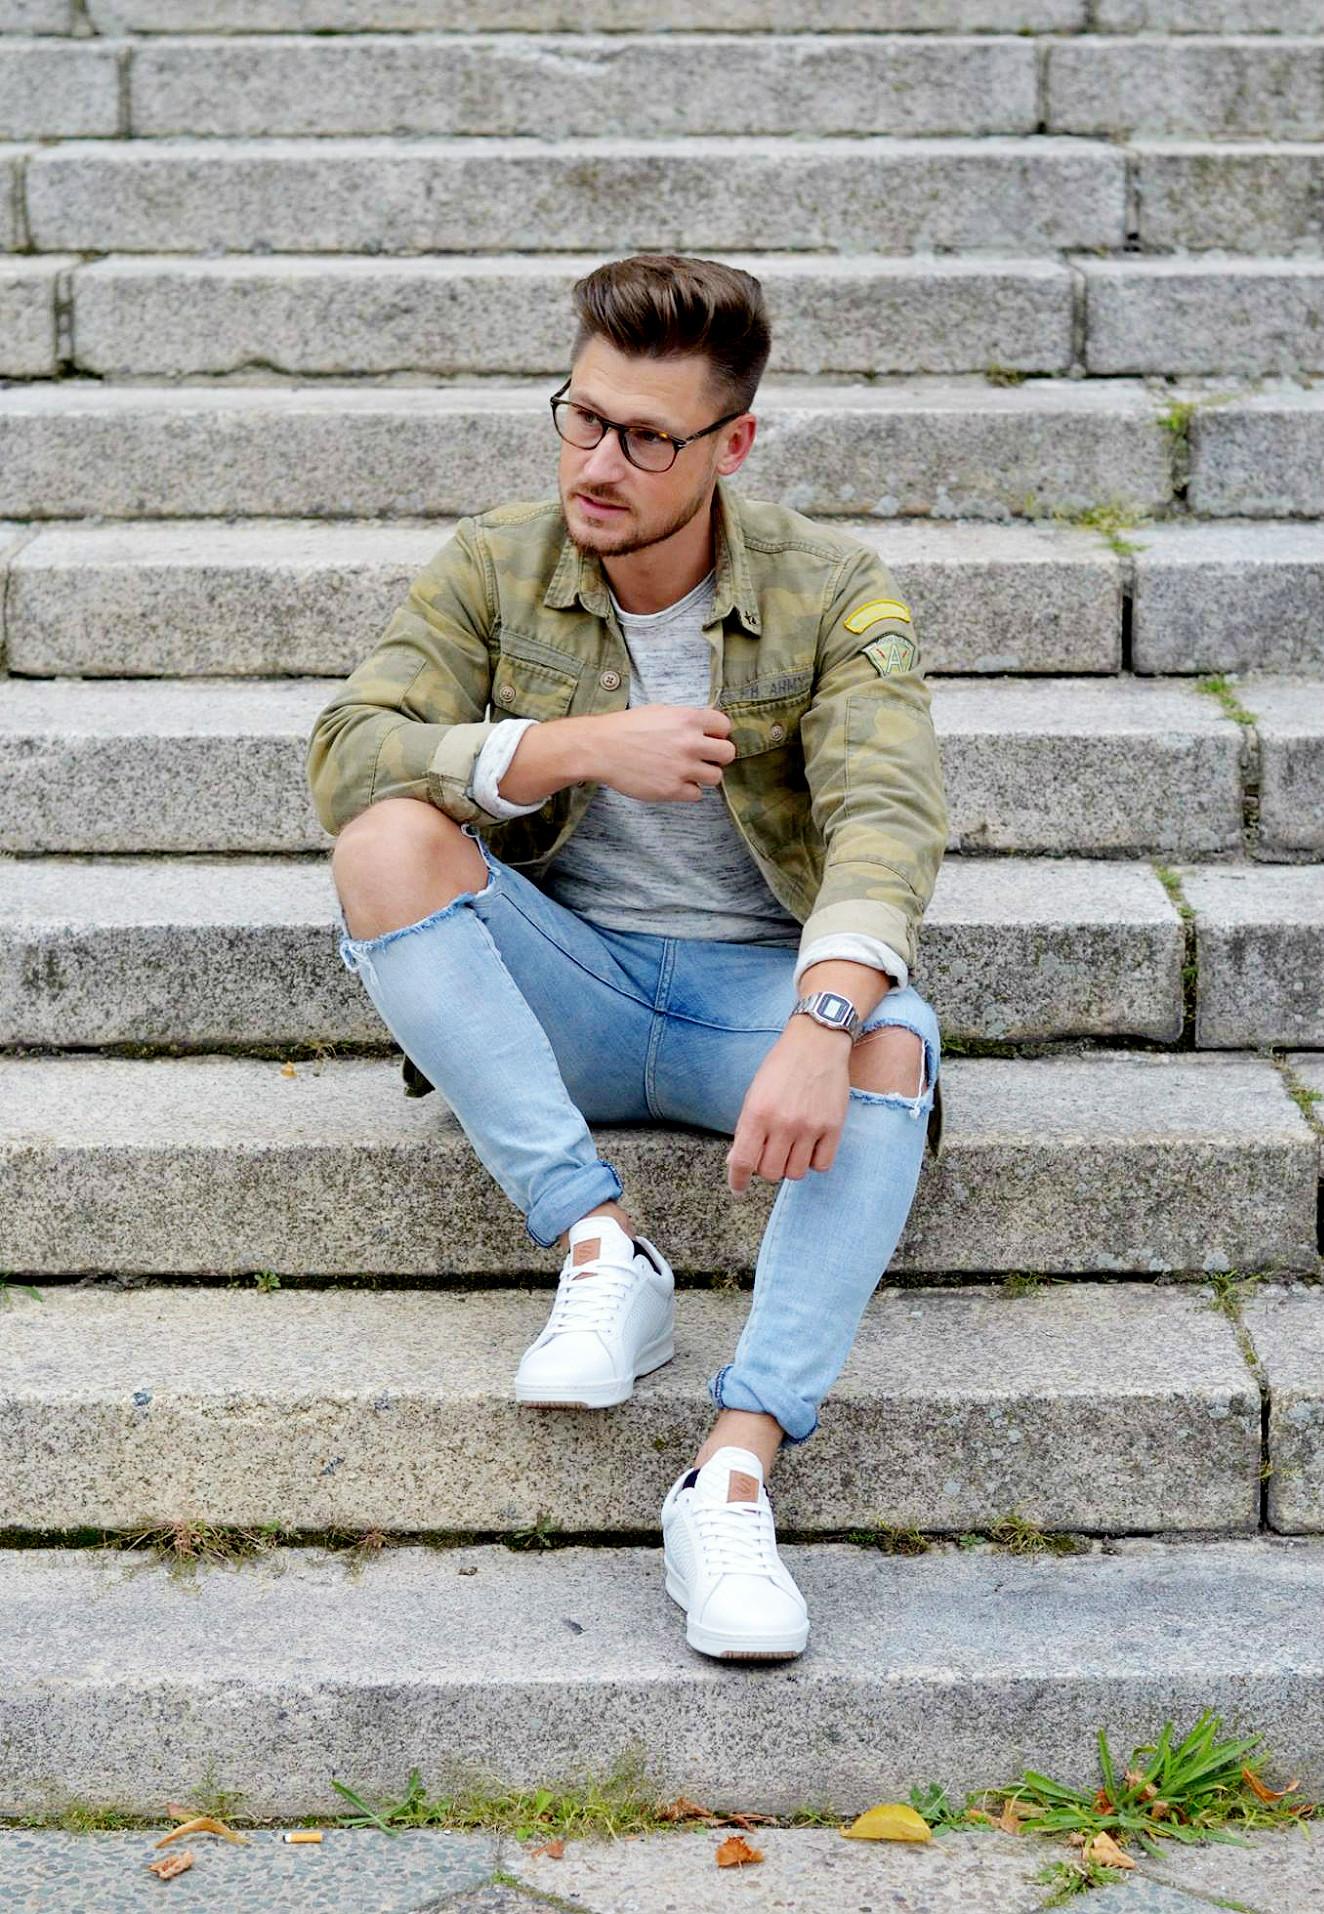 Modeblog-Berlin-Männer-Blog-Fashion-Camouflage-Jacke-Casio-Uhr-silber-Look